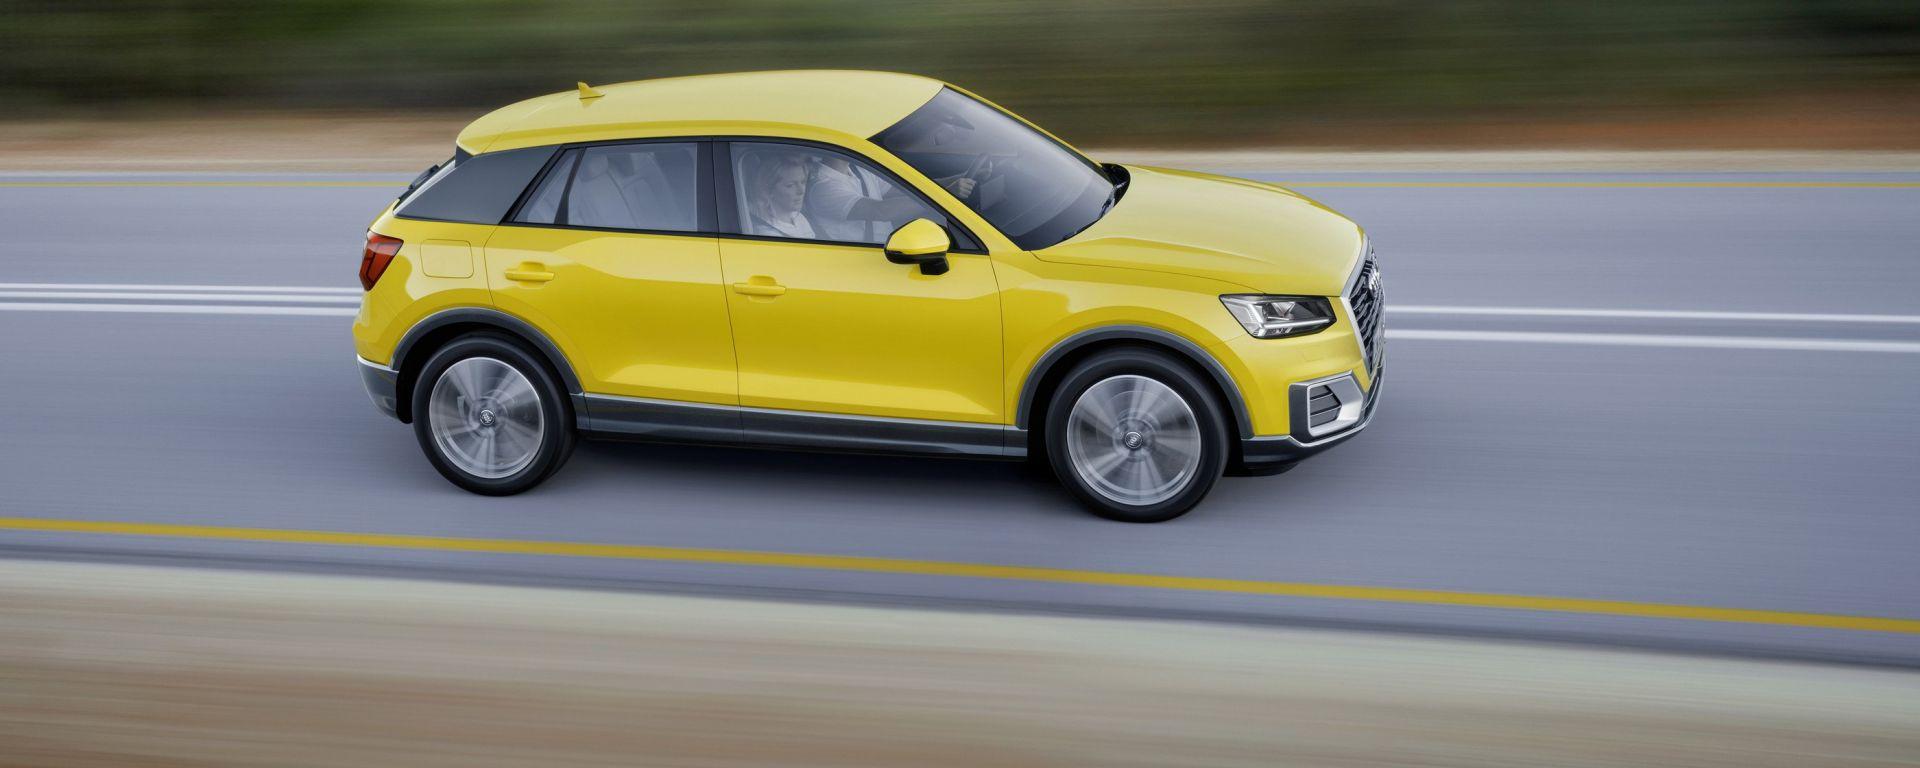 Audi Q2: prova, dotazioni e prezzi. Guarda il video